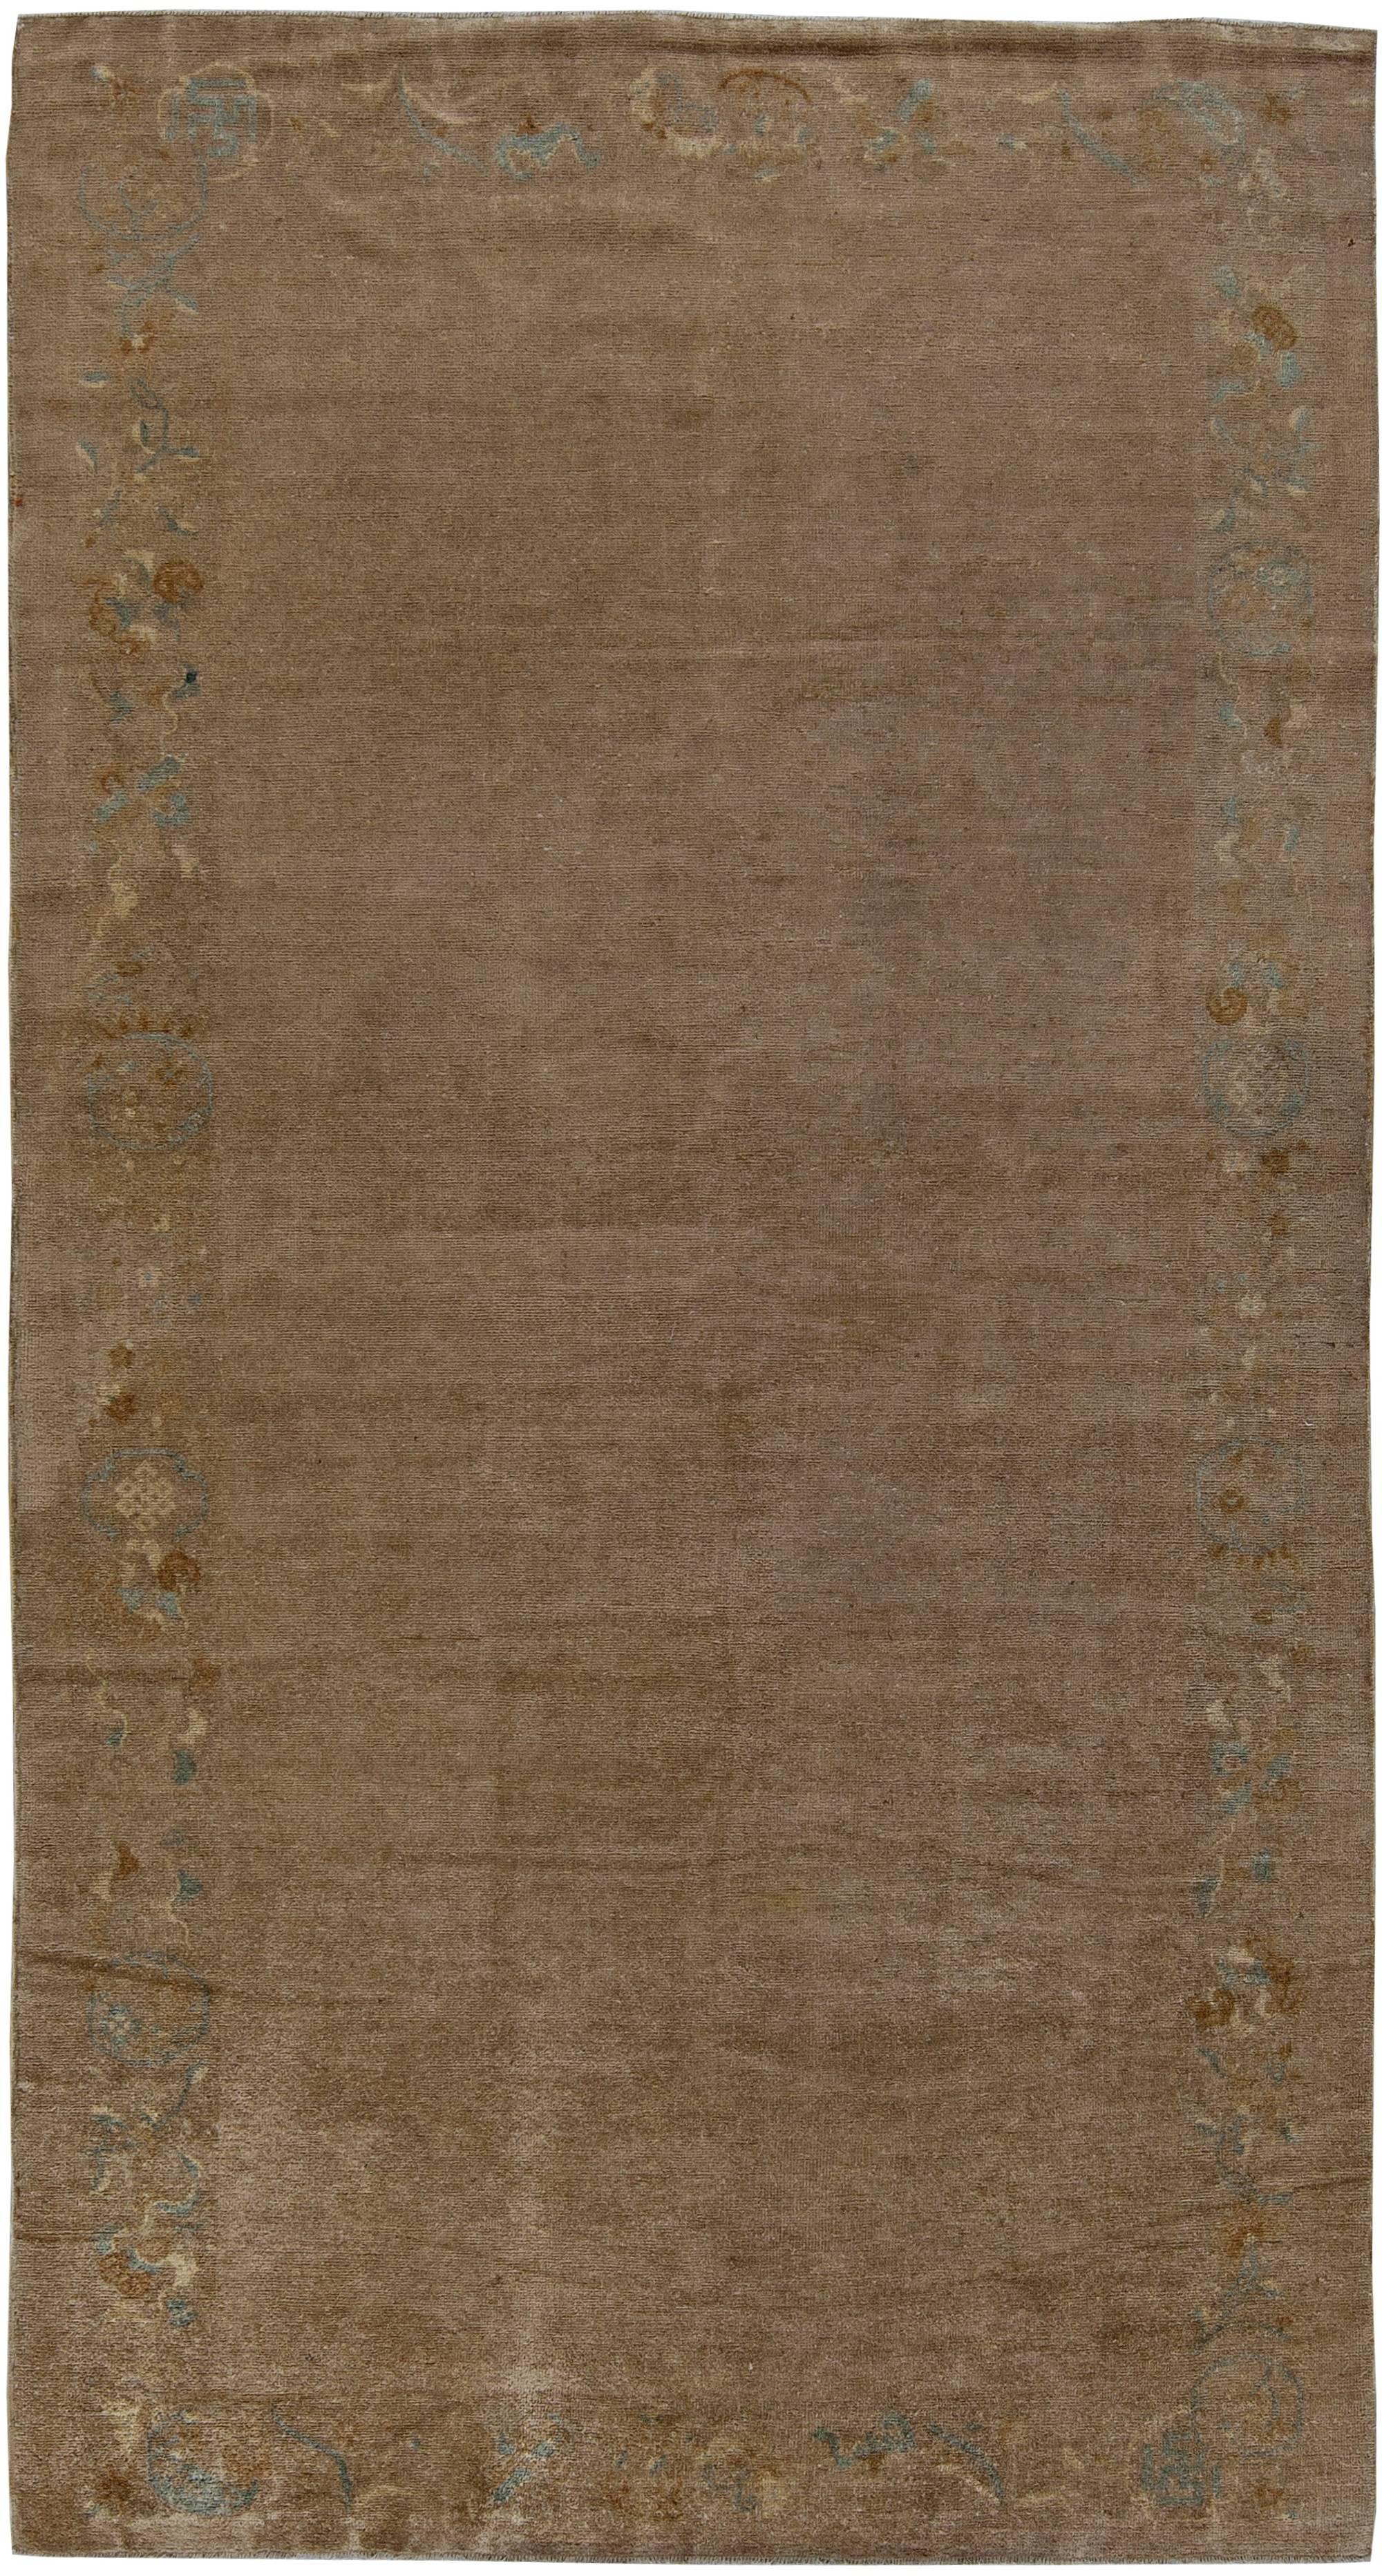 Vintage Chinese Rug BB5731